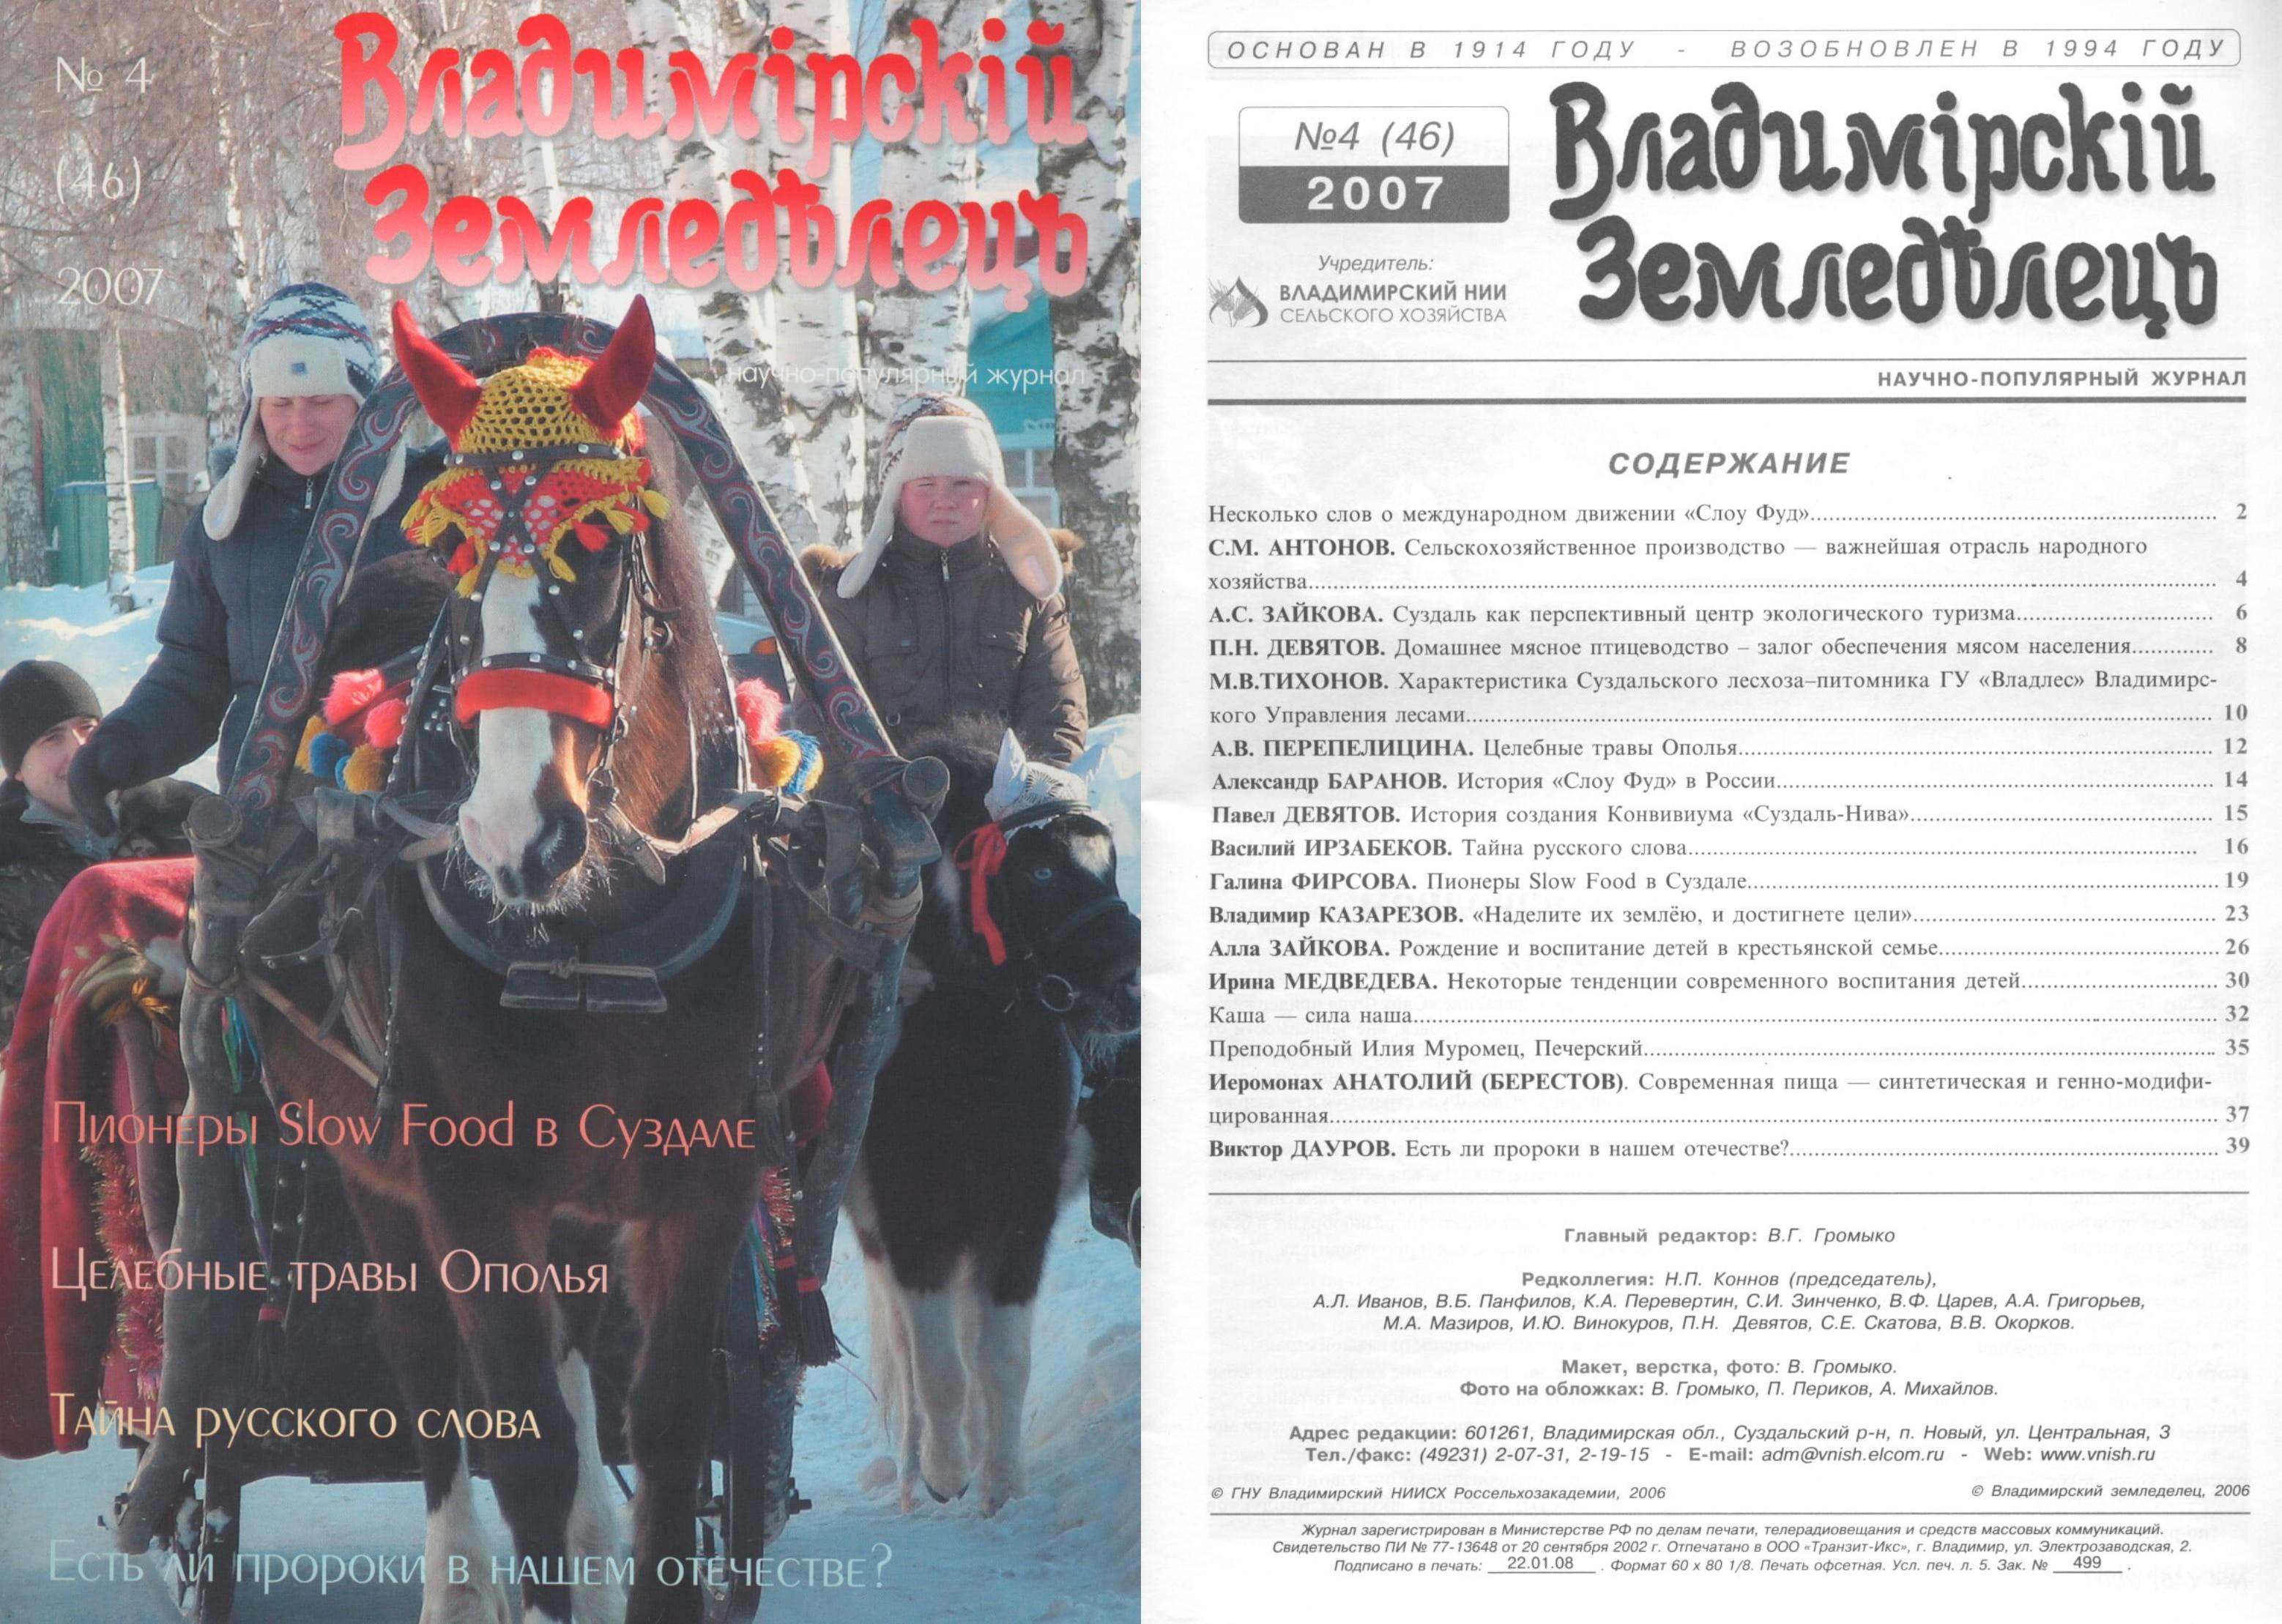 Владимирский земледелец 4(46) 2007